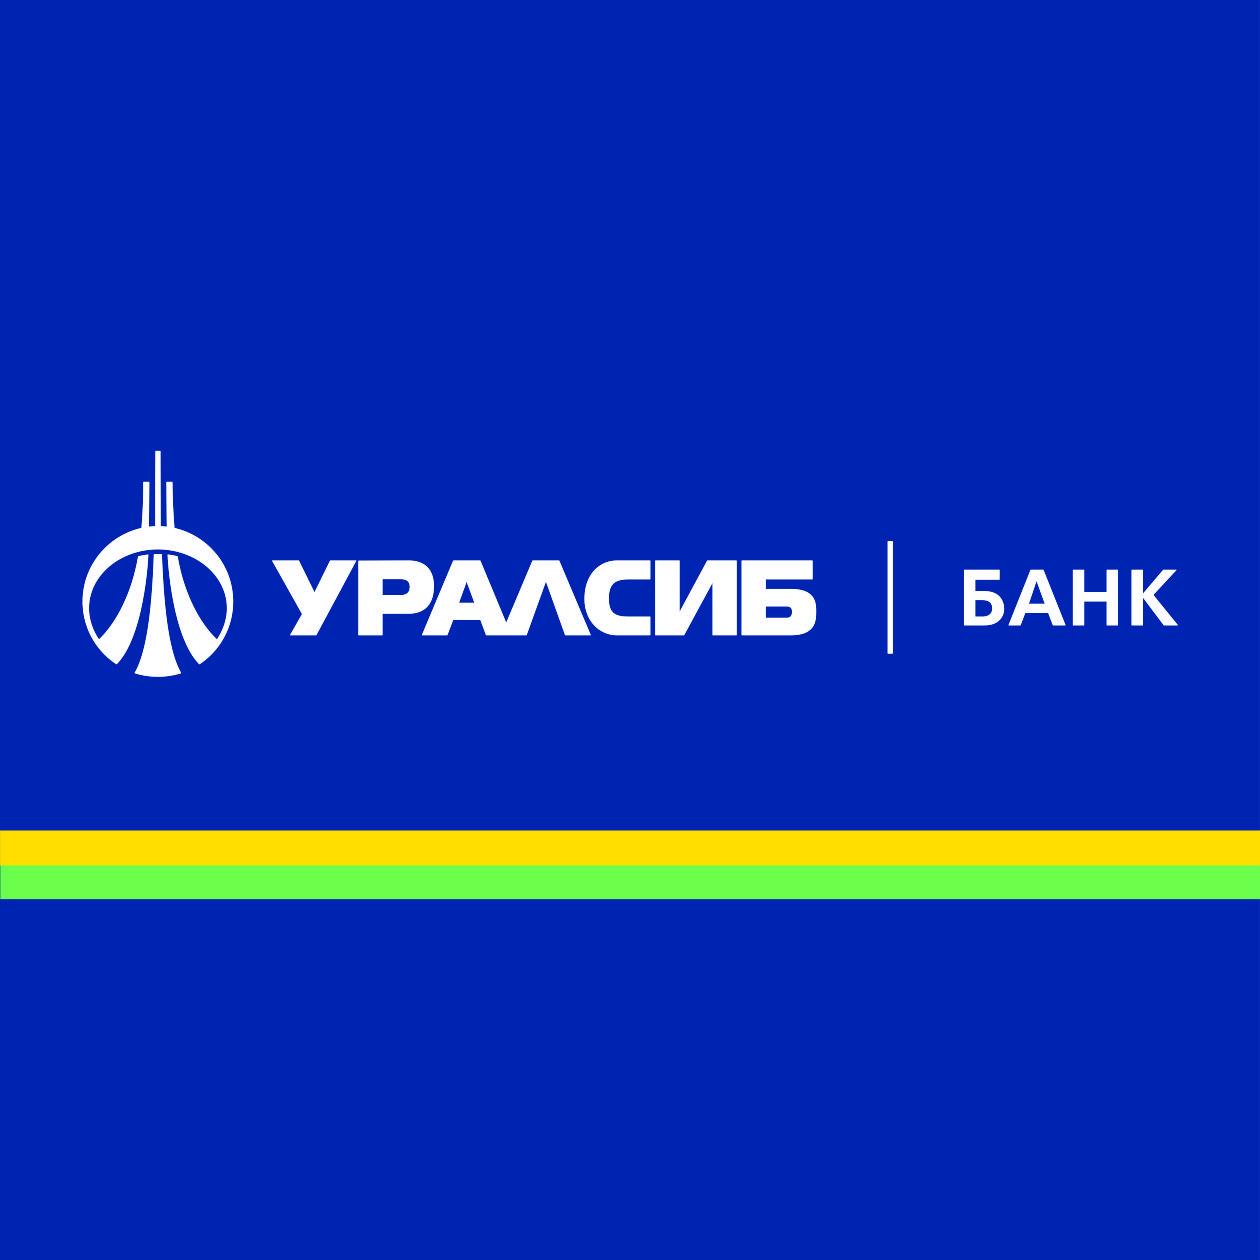 Банк УРАЛСИБ подвел итоги первой банковской Киберспартакиады «УРАЛСИБ 2020»